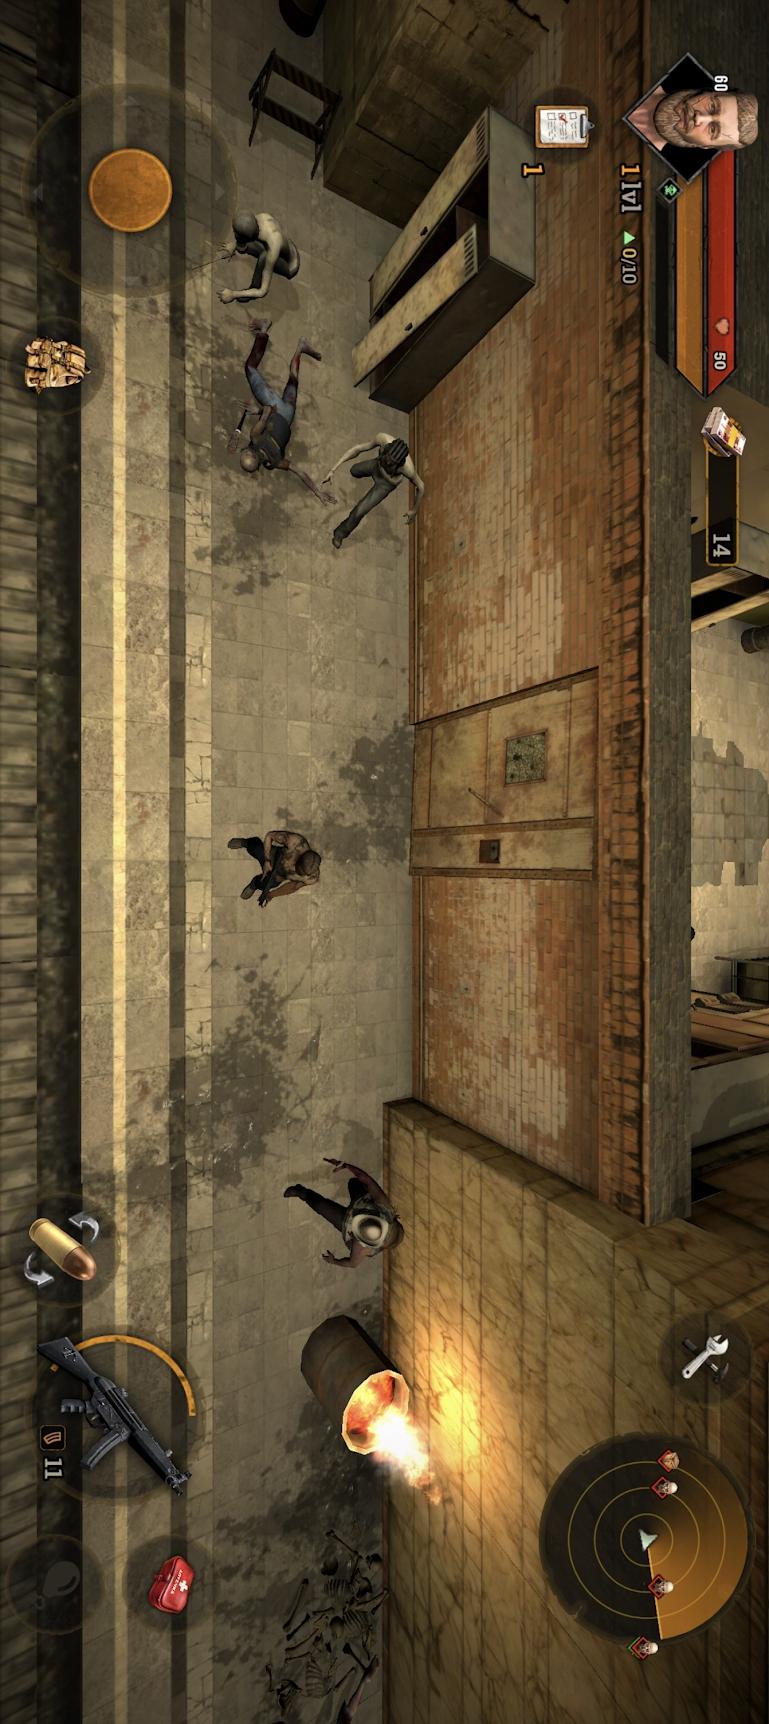 地铁生存:僵尸猎人游戏截图